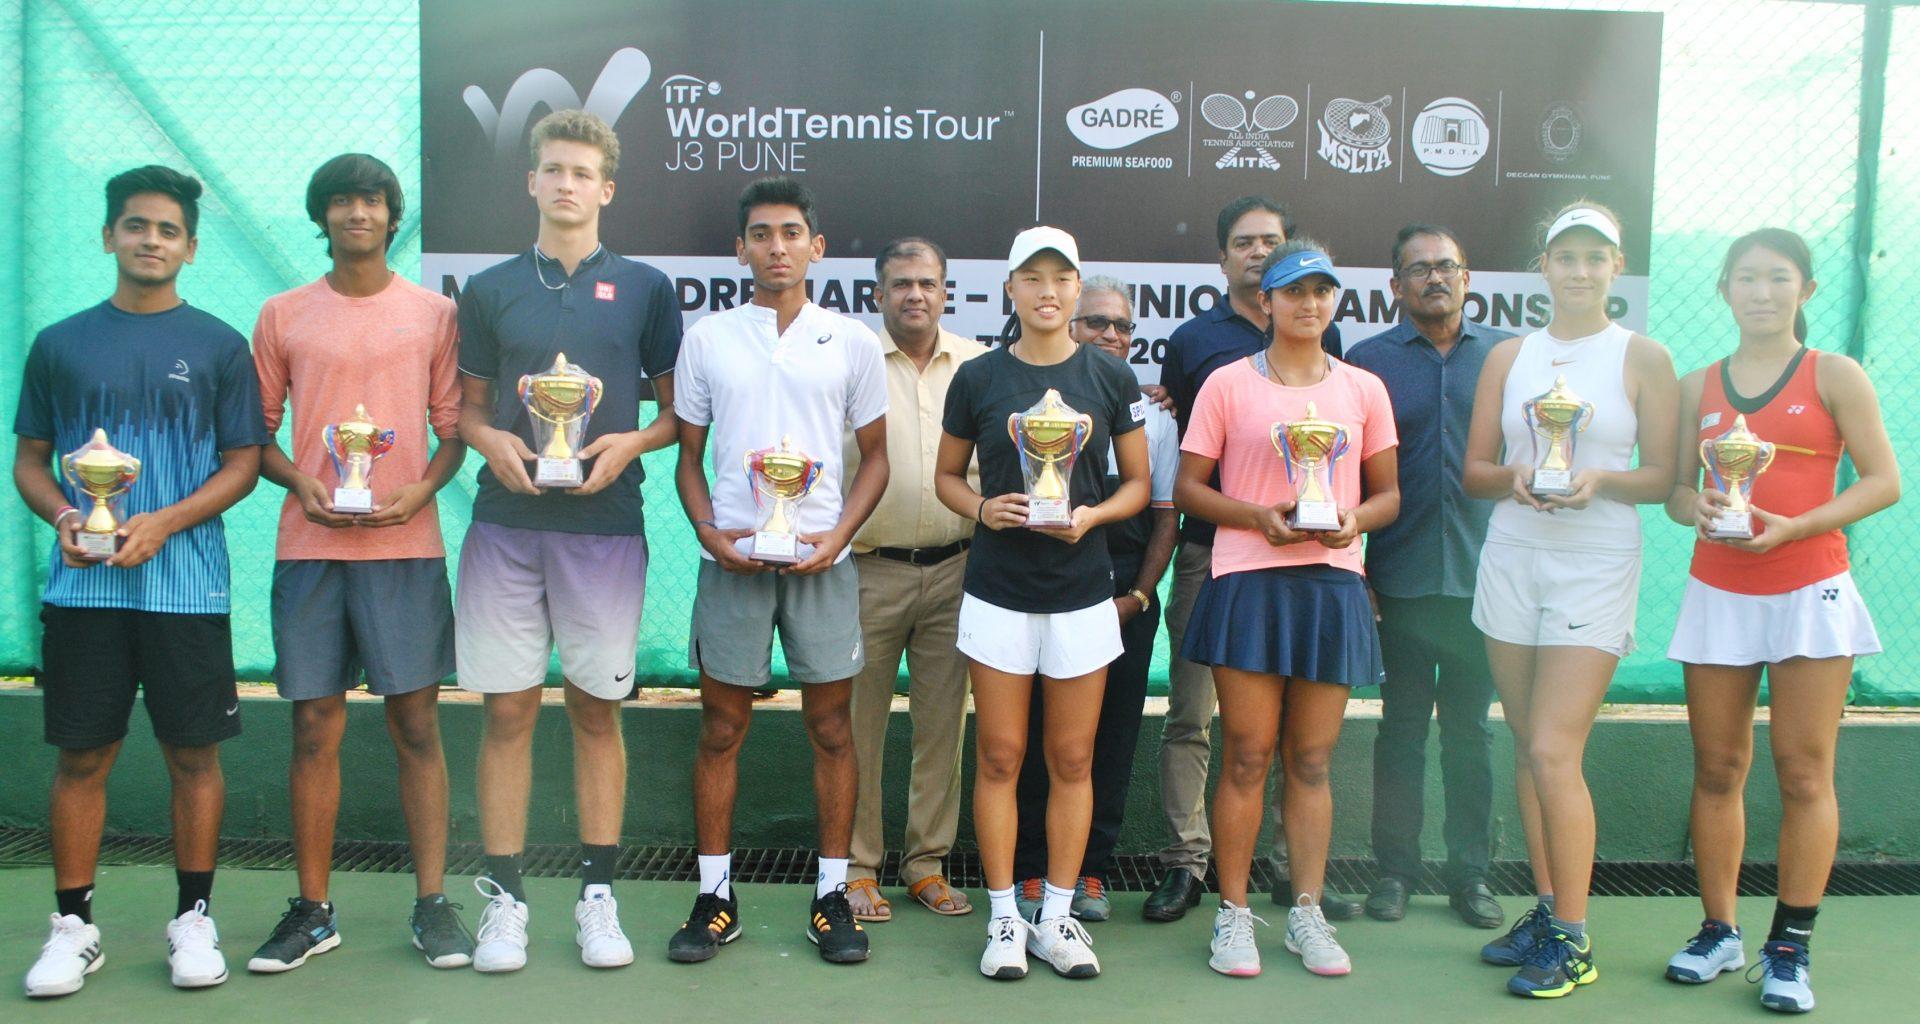 गद्रे मरीन-एमएसएलटीए आयटीएफ कुमार टेनिस अजिंक्यपद स्पर्धेत देव जावीया याला दुहेरी मुकुटाची संधी